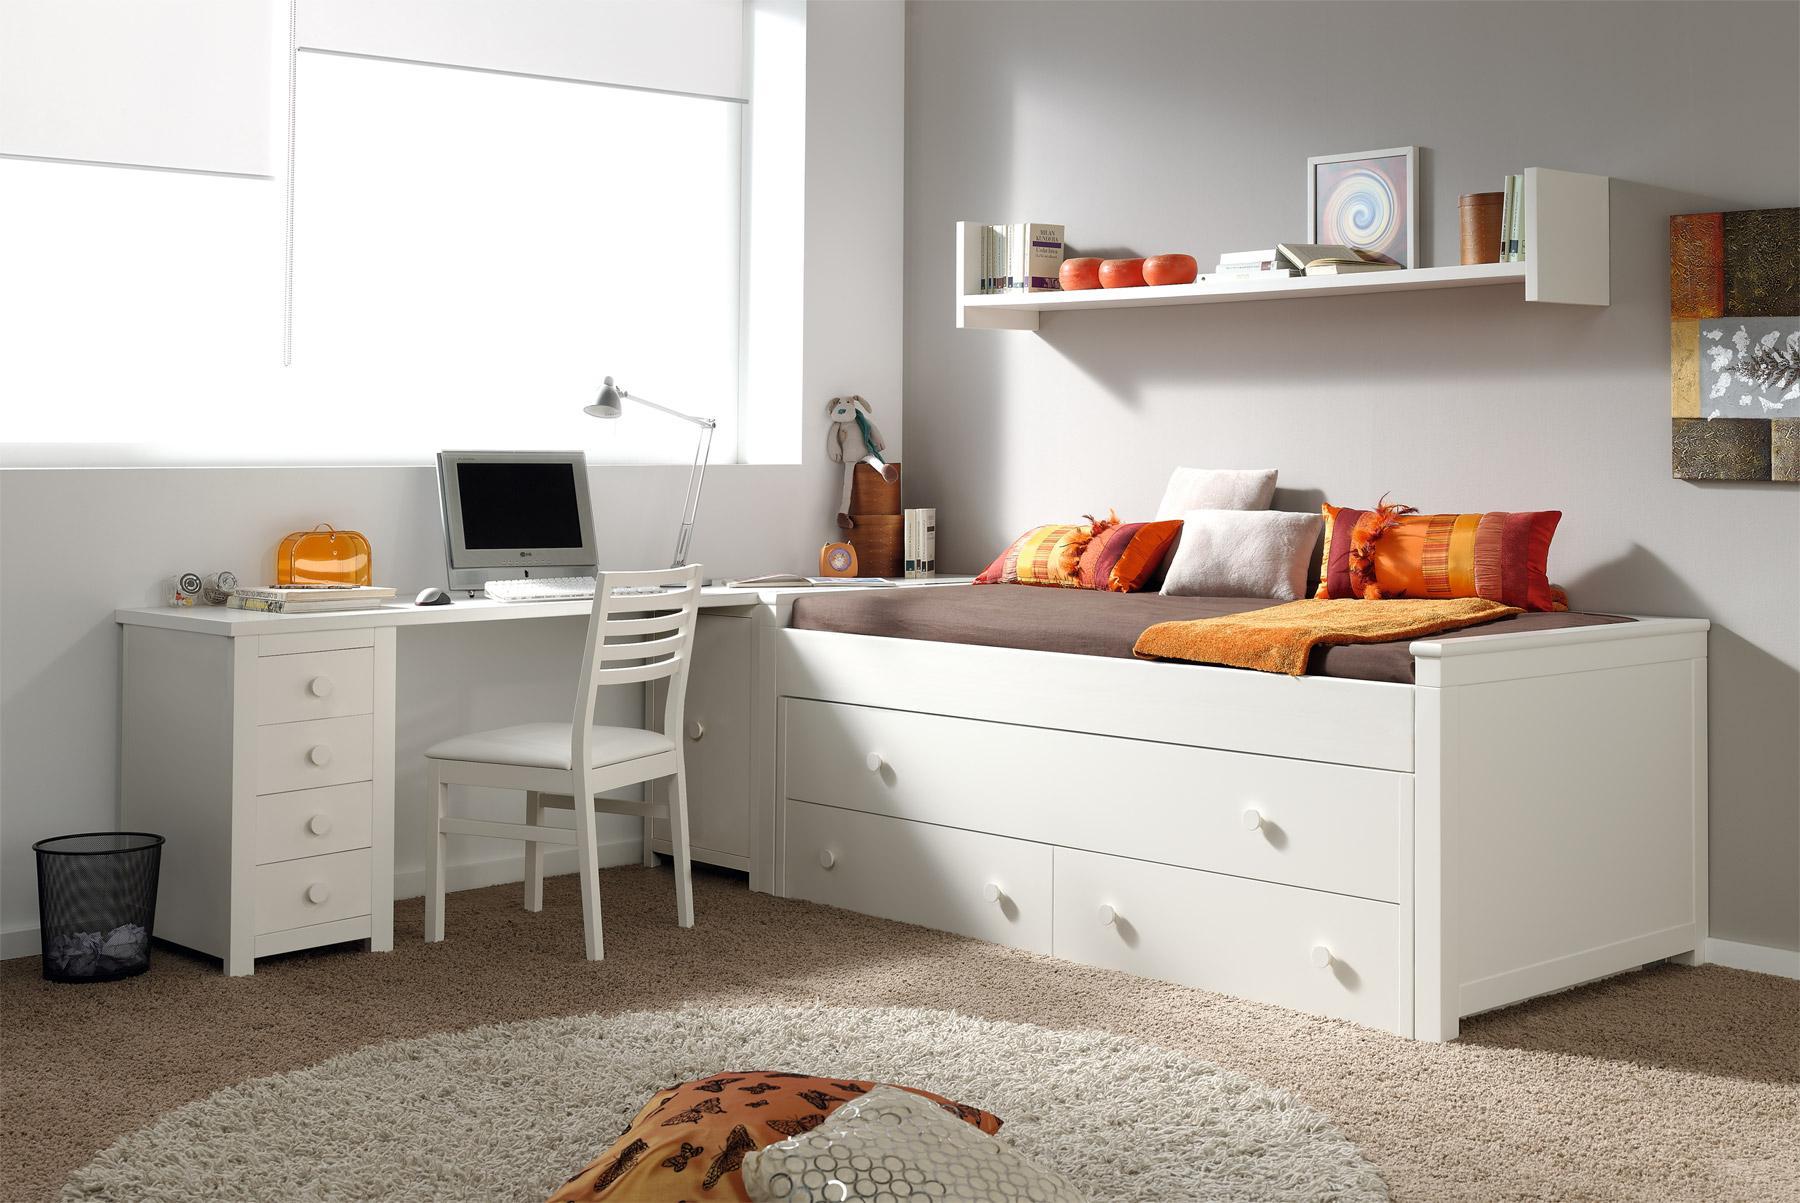 Qu es el mdf en mobiliario loredo muebles for Mobiliario en ingles